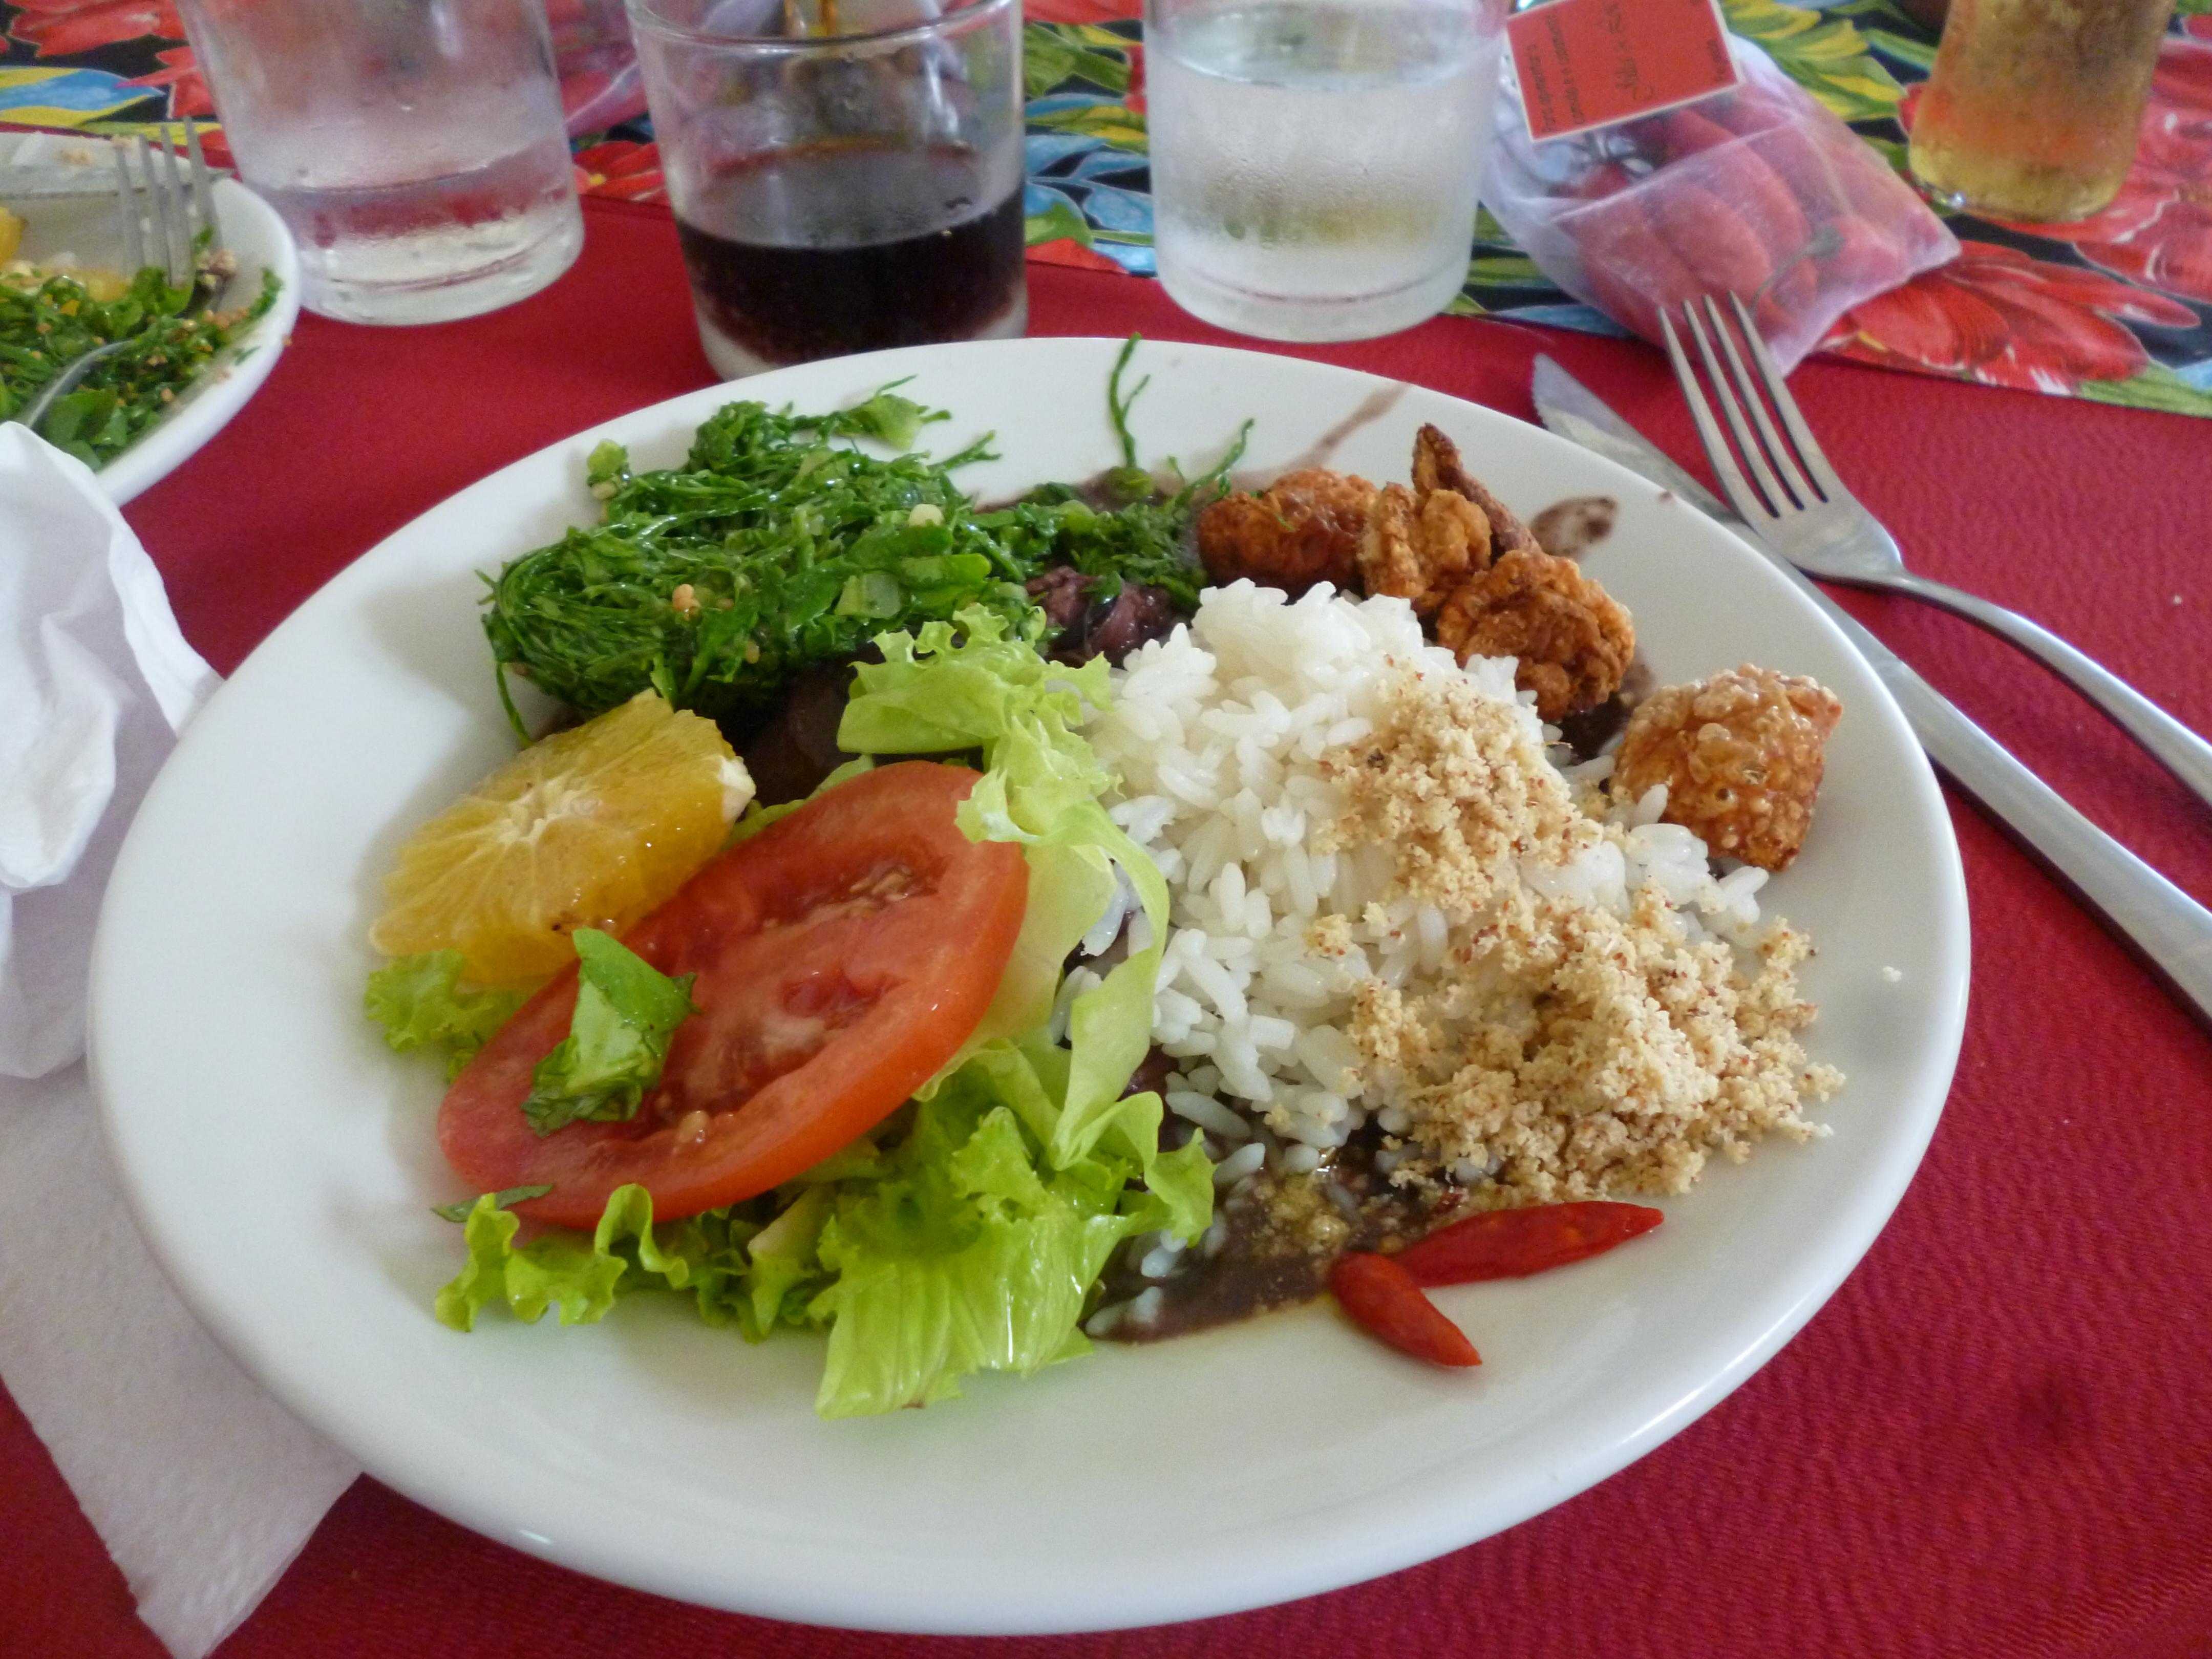 riz, feijoa, viandes, crudités,couennes frites, choux braisés farofa,orange et piment voilà la vrai feijoada